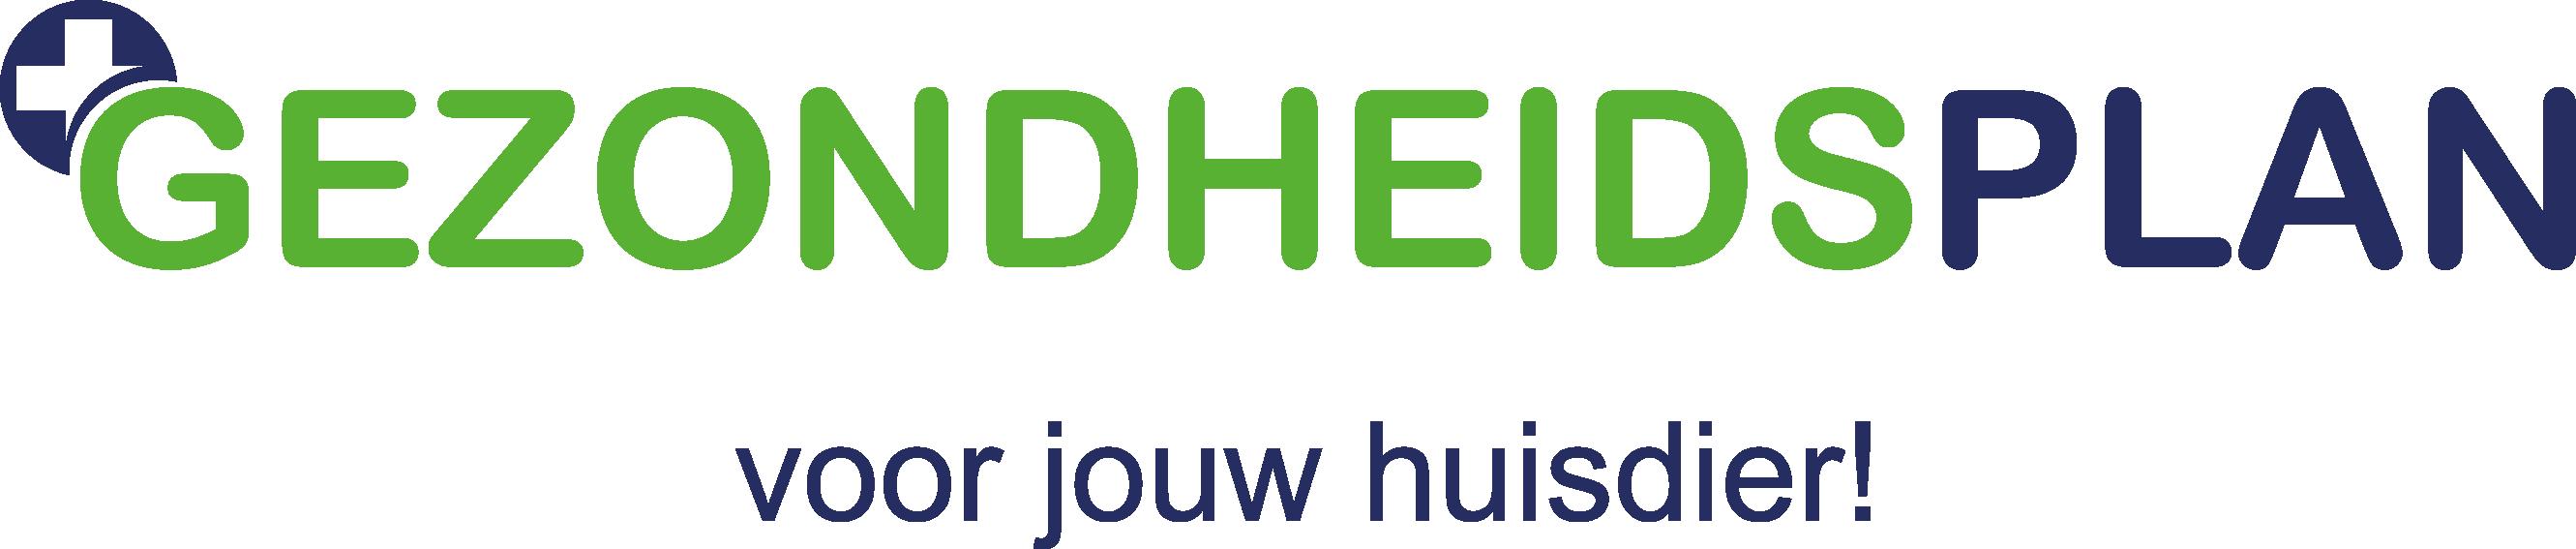 Logo Gezondheids Plan